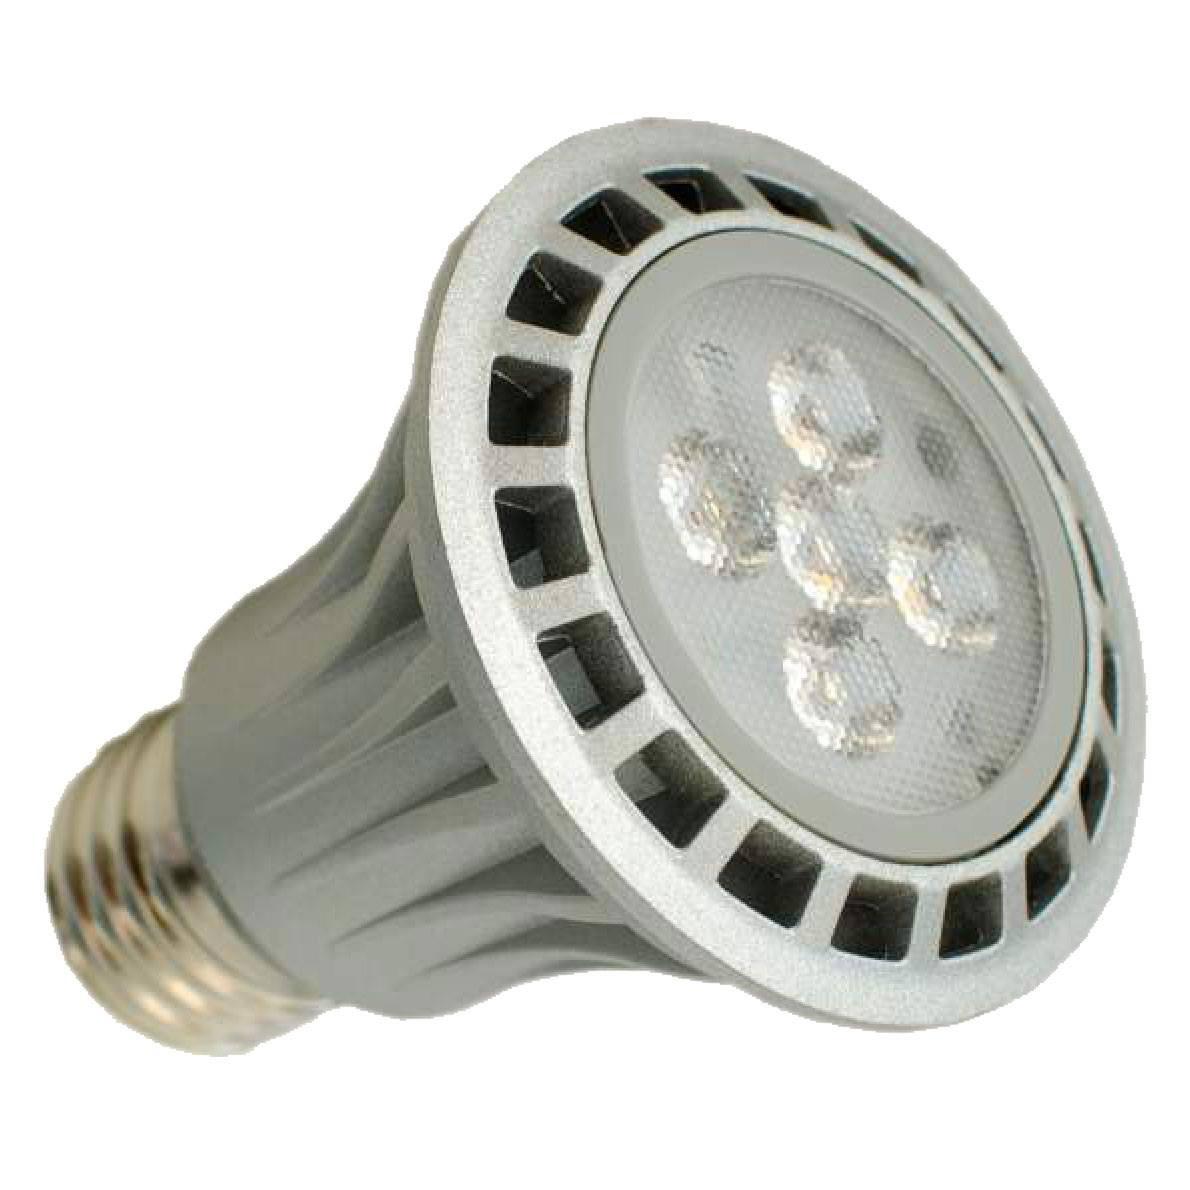 led replacement lamp xp20gw5 3000k [ 1190 x 1190 Pixel ]